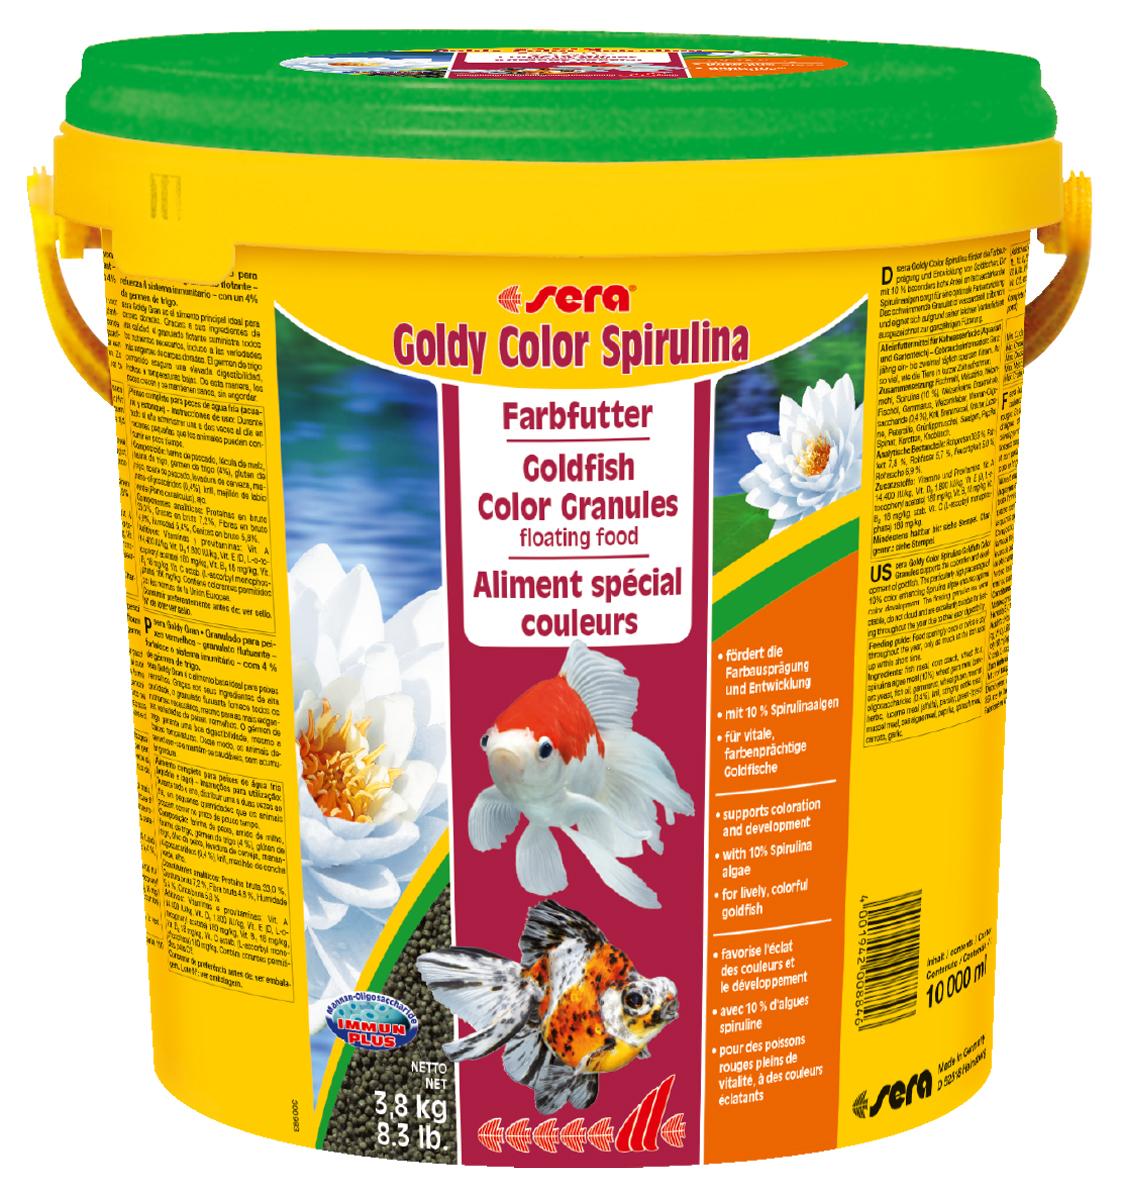 Корм для рыб Sera Goldy Color Spirulina, 10 л (3,8 кг)0884Комплексный корм для холодноводных рыб (аквариумных и прудовых) - способствует яркости окраски и развитию золотых рыбок. Особенно высокое содержание водорослей спирулина (10%) гарантирует оптимальное развитие и усиление яркости окраски рыб. Плавающие гранулы корма долго сохраняют свою форму, не вызывают помутнения воды, легко усваиваются и отлично подходят для кормления рыбы в течение всего года. Инструкция по применению: Кормите небольшими порциями один-два раза в день, в течение всего года. Дозируйте такое количество корма, которое рыбы могут съесть в течение короткого периода времени. Ингредиенты: рыбная мука, кукурузный крахмал, пшеничная мука, спирулина (10%), пшеничные зародыши, пивные дрожжи, рыбий жир, гаммарус, пшеничная клейковина, маннанолигосахариды (0,4%), криль, крапива, растительное сырье, люцерна, петрушка, зеленые мидии, морские водоросли, паприка, шпинат, морковь, чеснок. Аналитический состав: Протеин 38,9%, Жиры 7,8%, Клетчатка 5,7%, Влажность 5,0%, Зольные вещества...